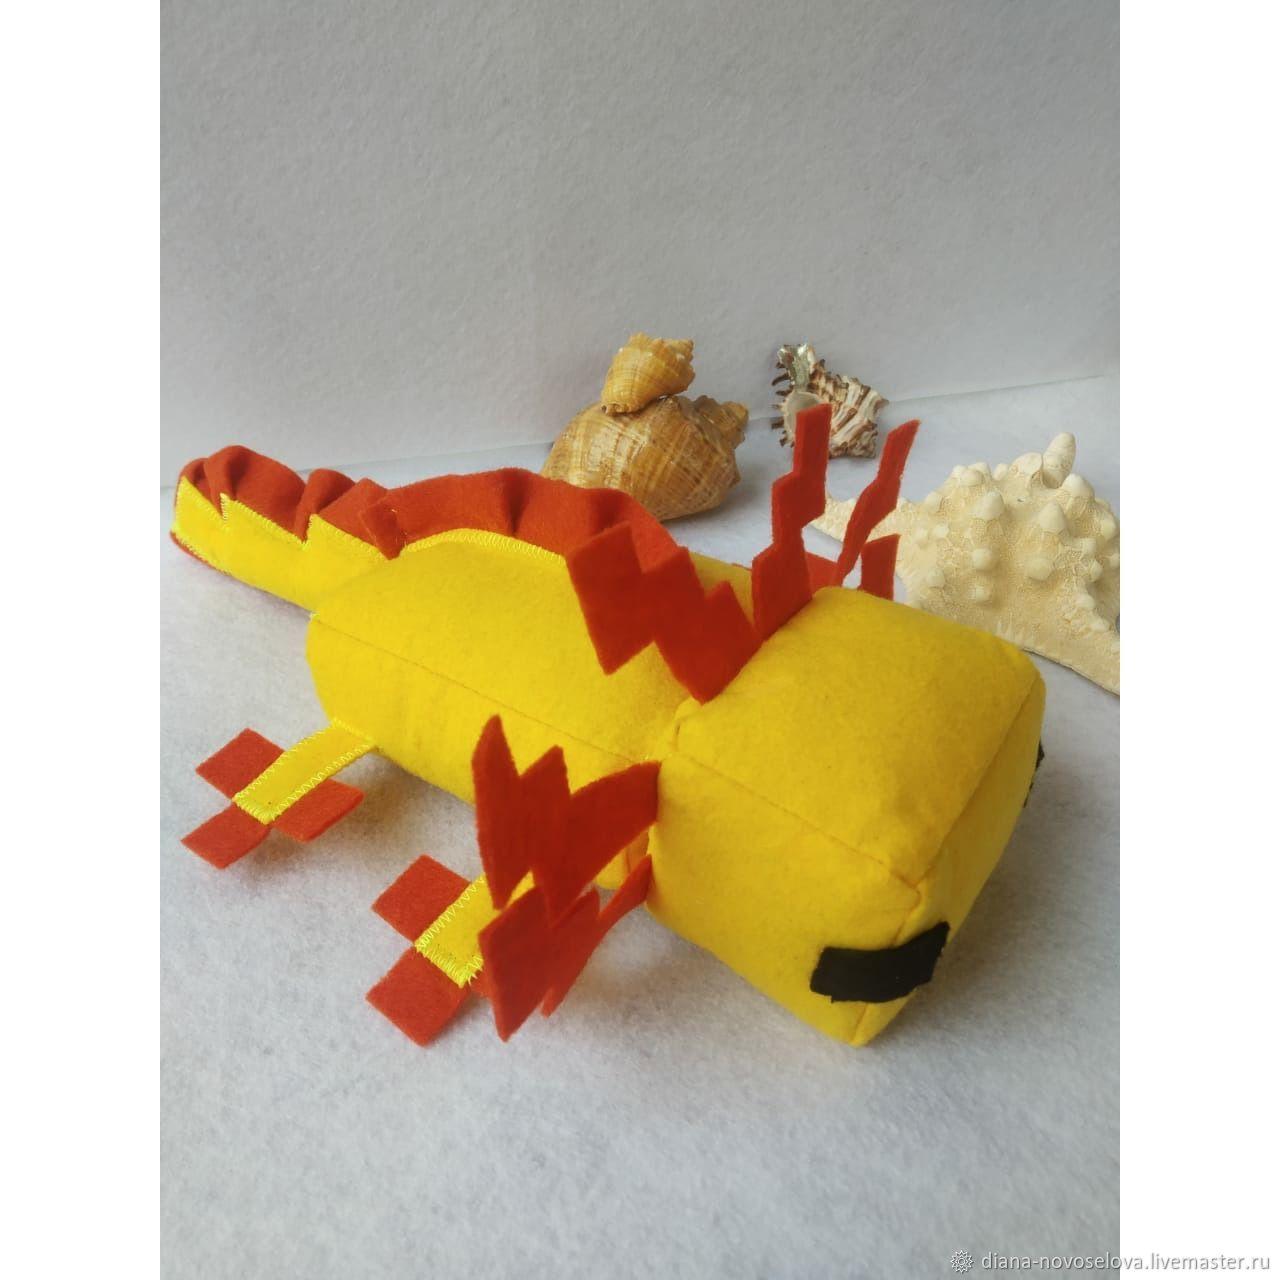 Мягкая игрушка аксолотля из Minecraft (жёлтый цвет), Мягкие игрушки, Нарткала,  Фото №1